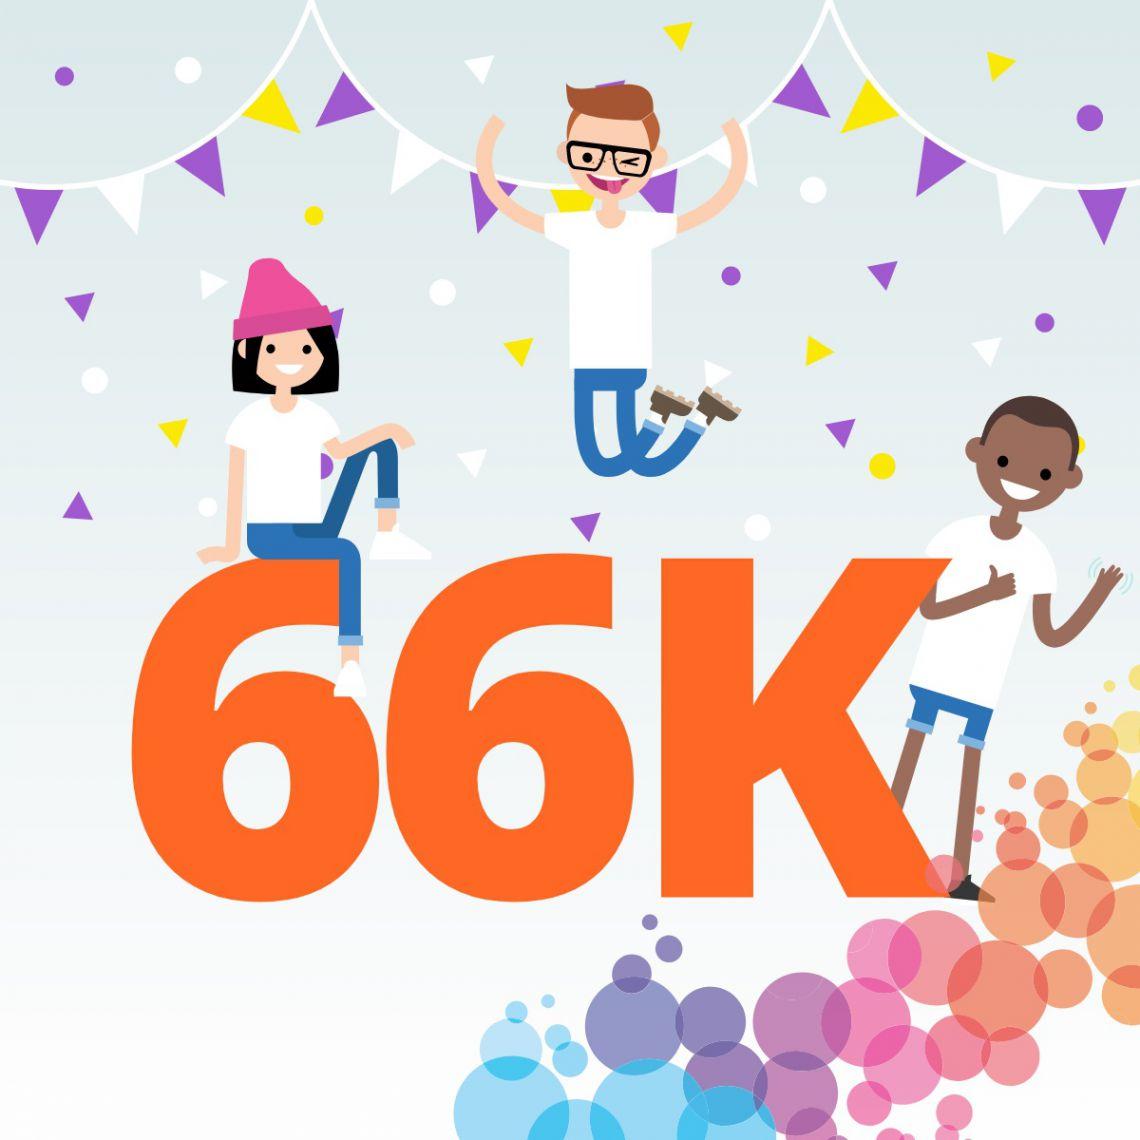 Рекорден брой събития – над 66 000, се проведоха по време на EU Code Week 2019, Европейската седмица на програмирането